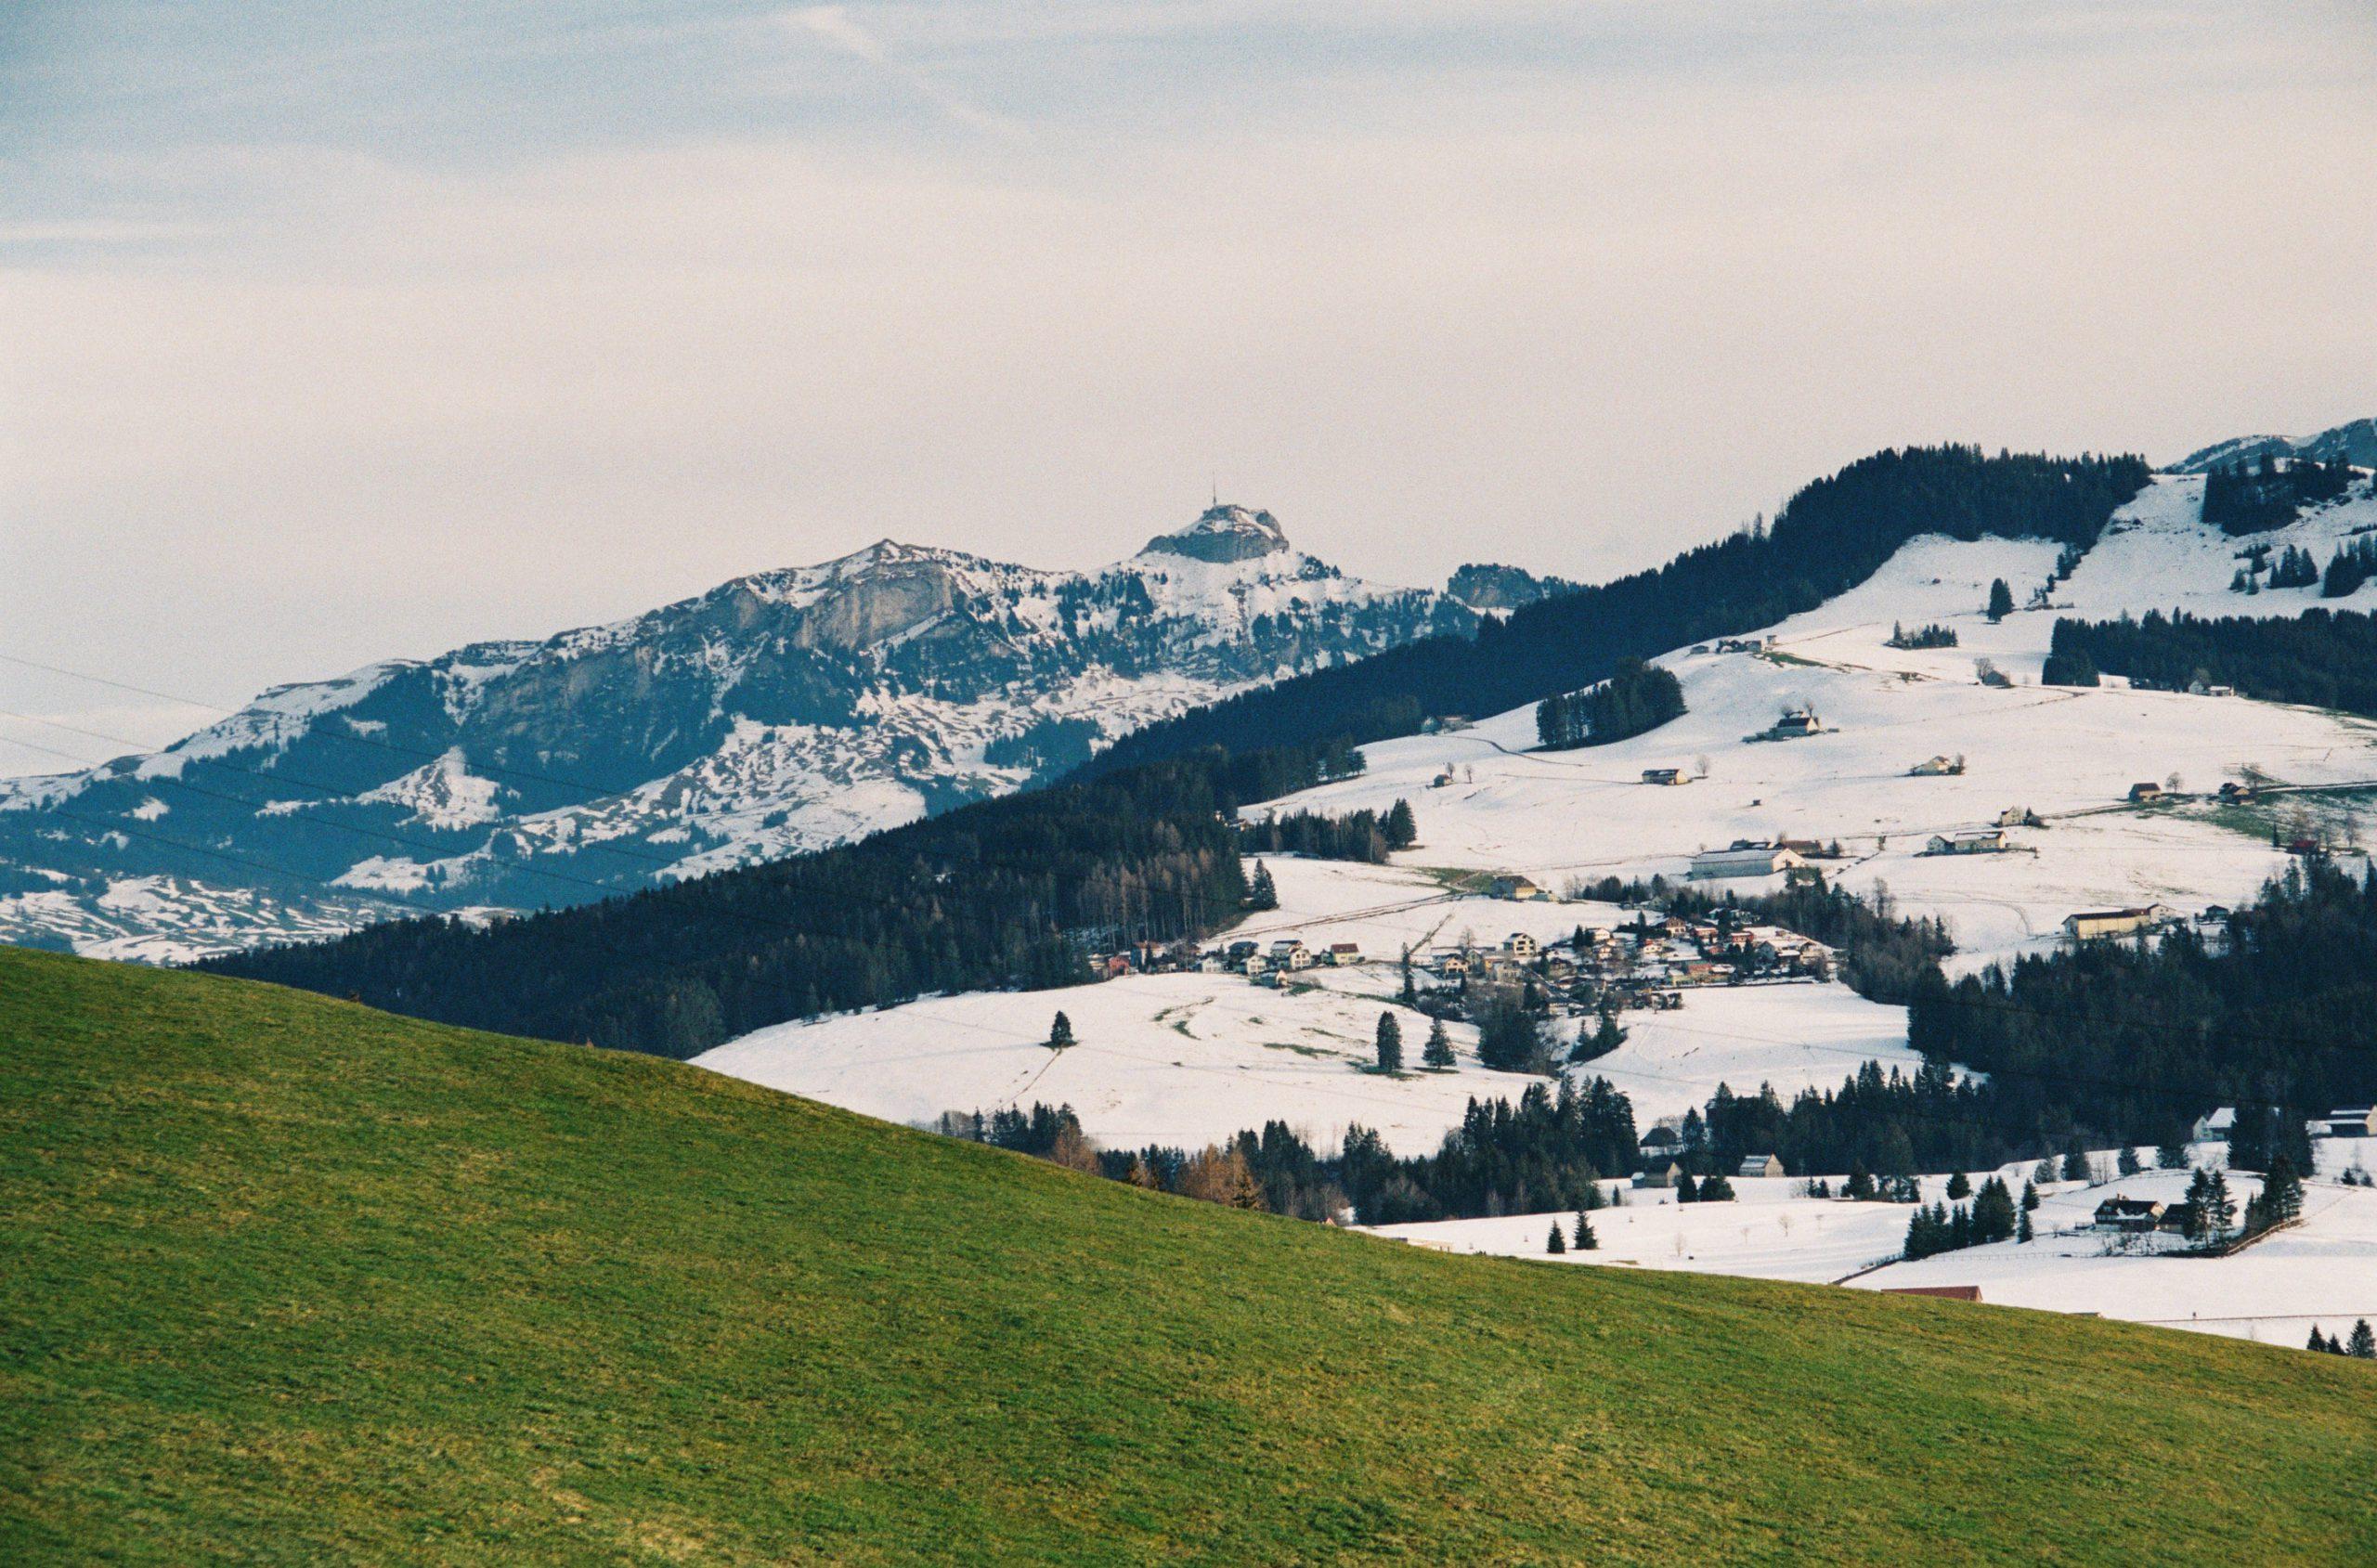 Nach eineinhalb Filmen erfreute sich der Verschluss einer Spontanheilung. Da waren wir leider fast wieder im Tal. Der Gipfel hinten ist der Hohe Kasten, ein Top-Aussichtspunkt im Appenzellerland. Elmar-C 90/4 an Leica CL. Kodak Ultramax 400